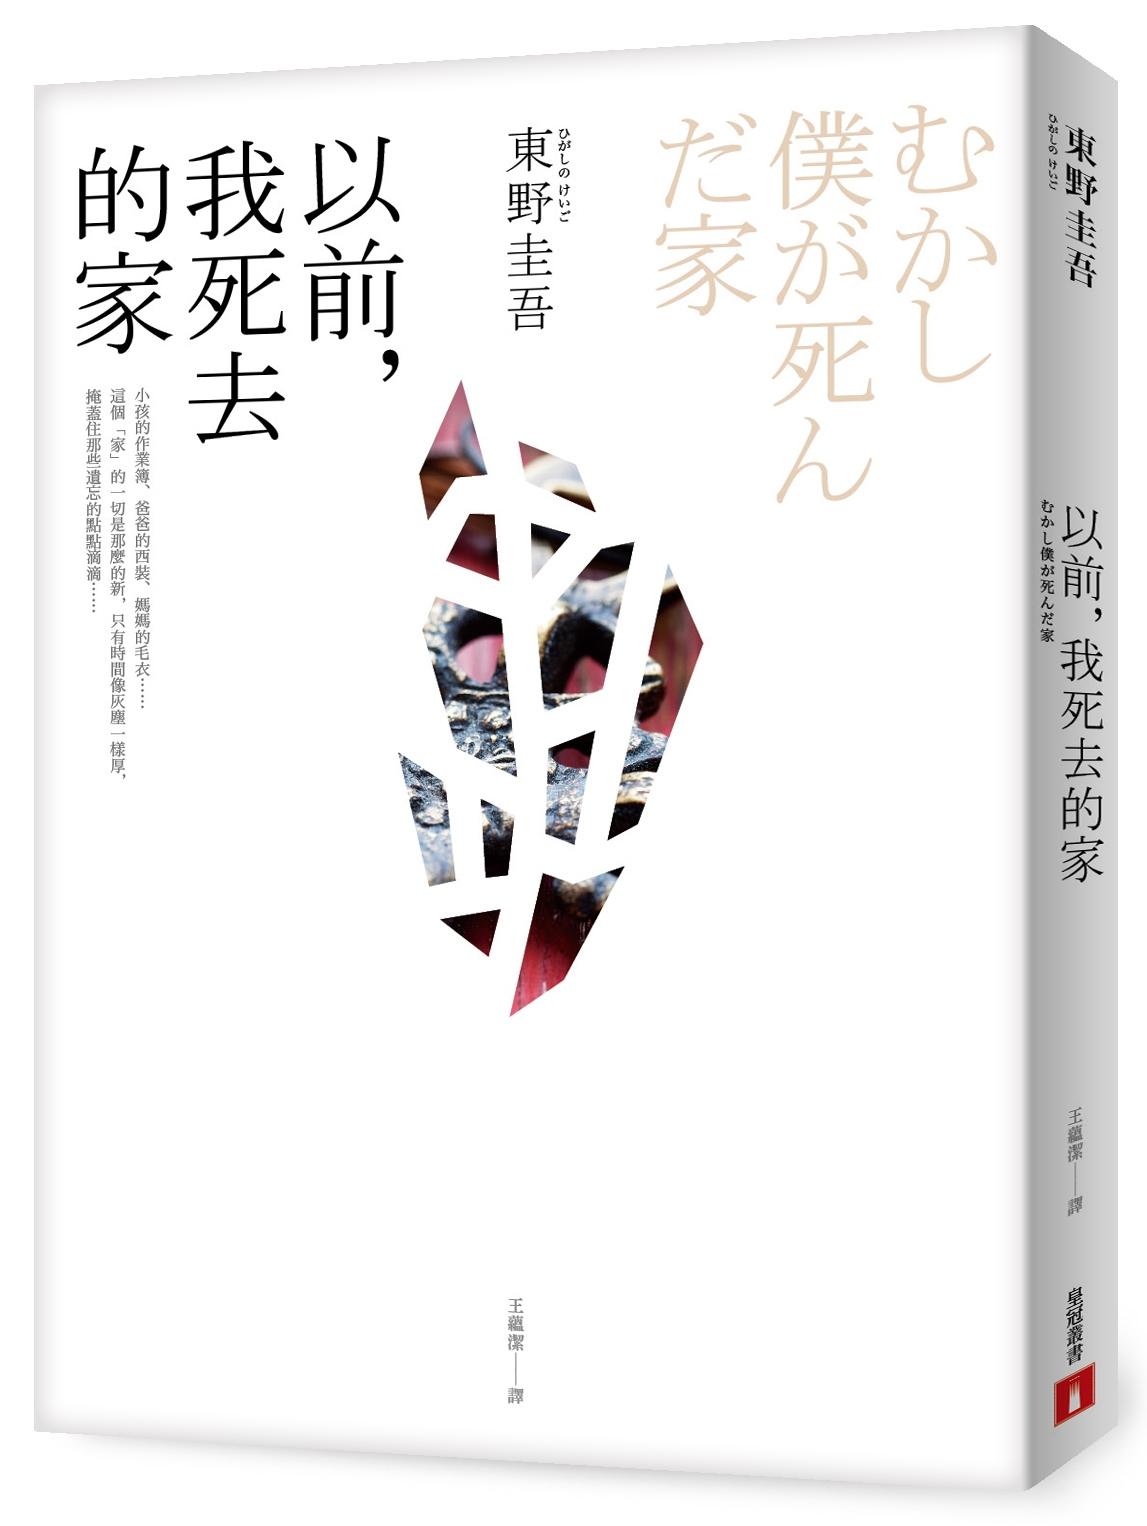 预售【外图台版】以前,我死去的家 / 东野圭吾 皇冠